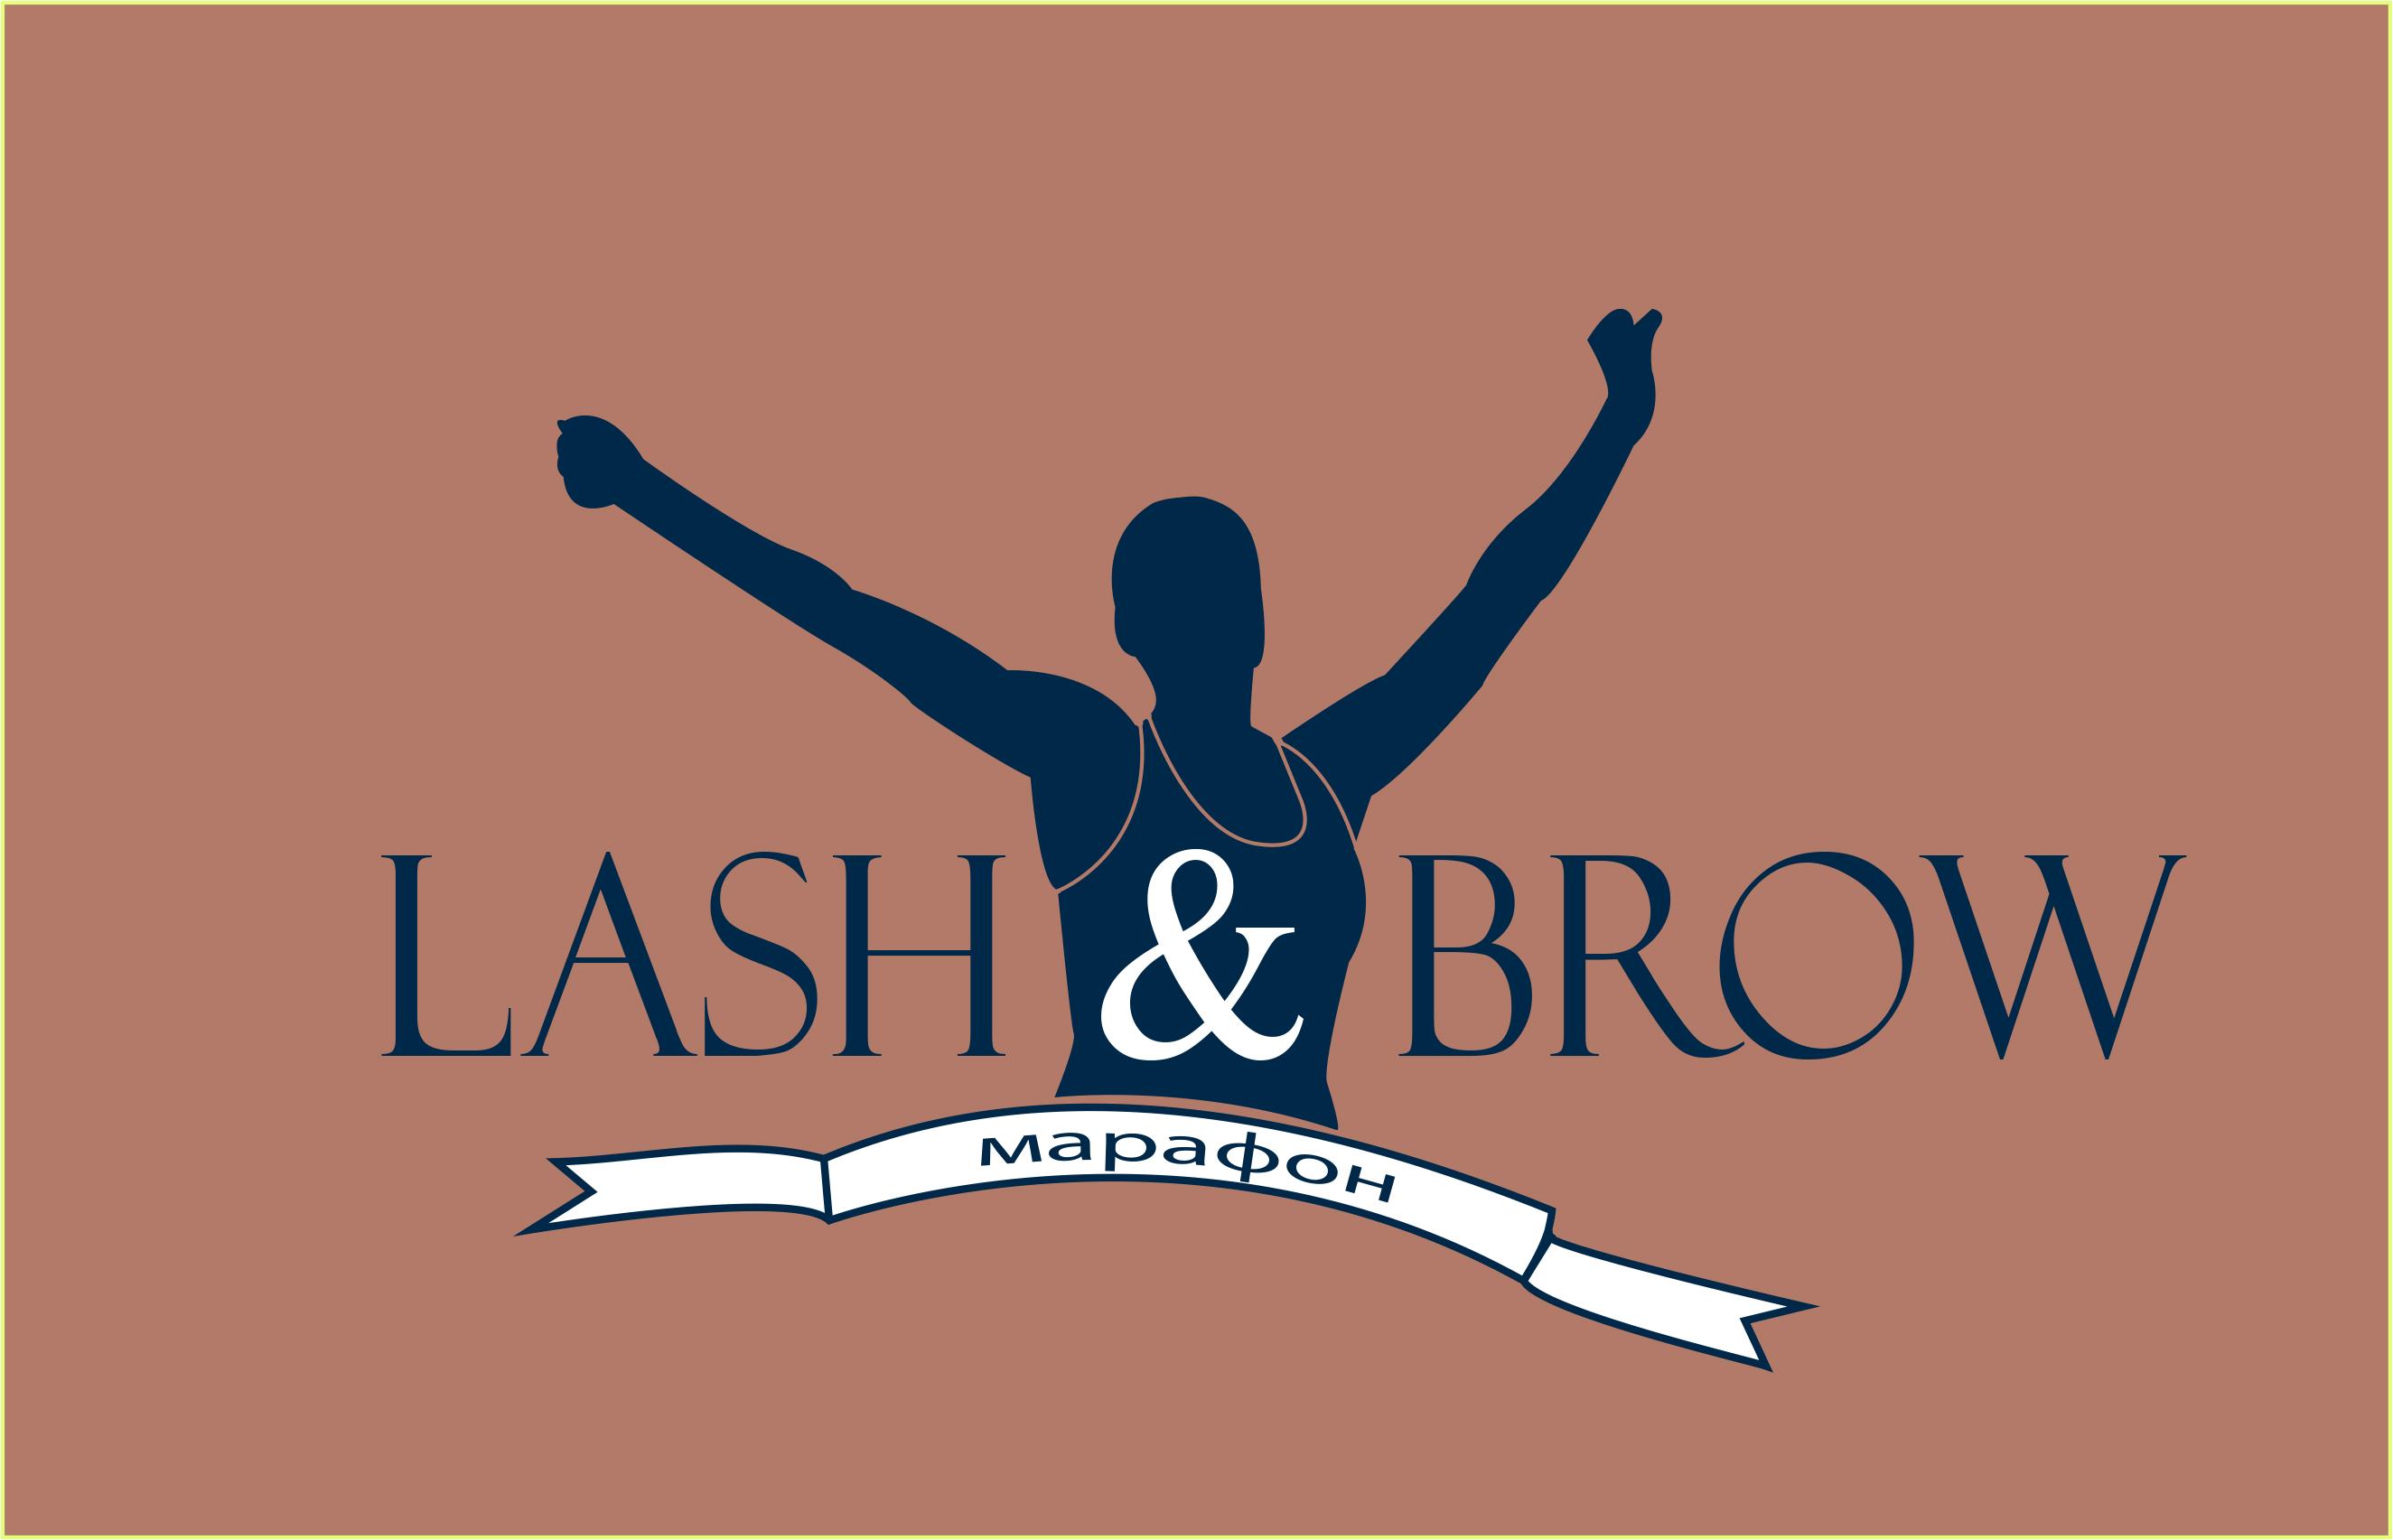 """Создание логотипа мероприятия """"Марафон Lash&Brow"""" фото f_62958f899de2c044.jpg"""